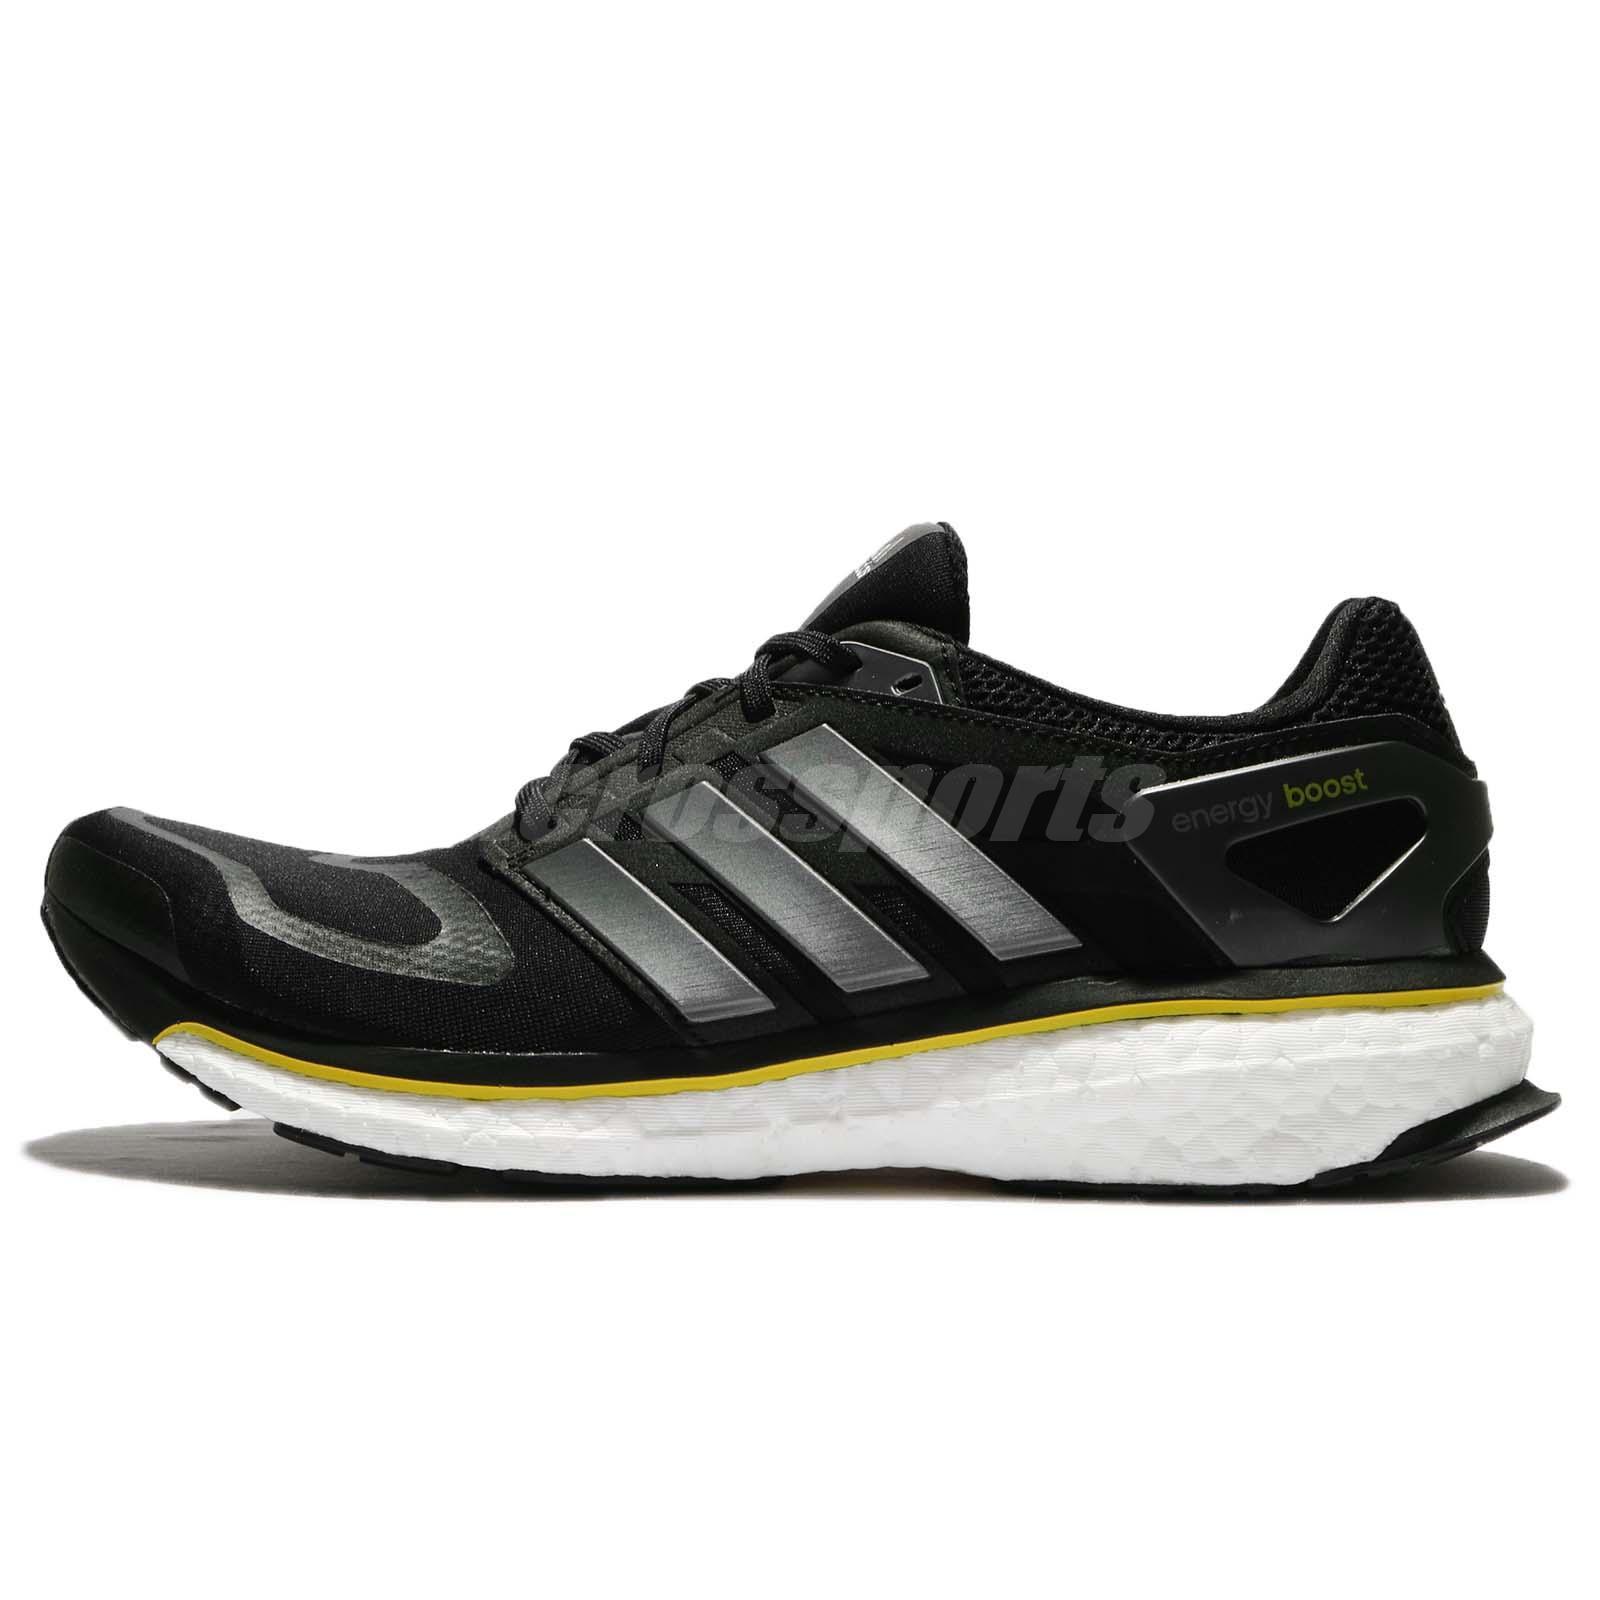 3ce0cd459ba adidas Energy BOOST M OG Retro 2018 Black Yellow White Men Running Shoes  G64392